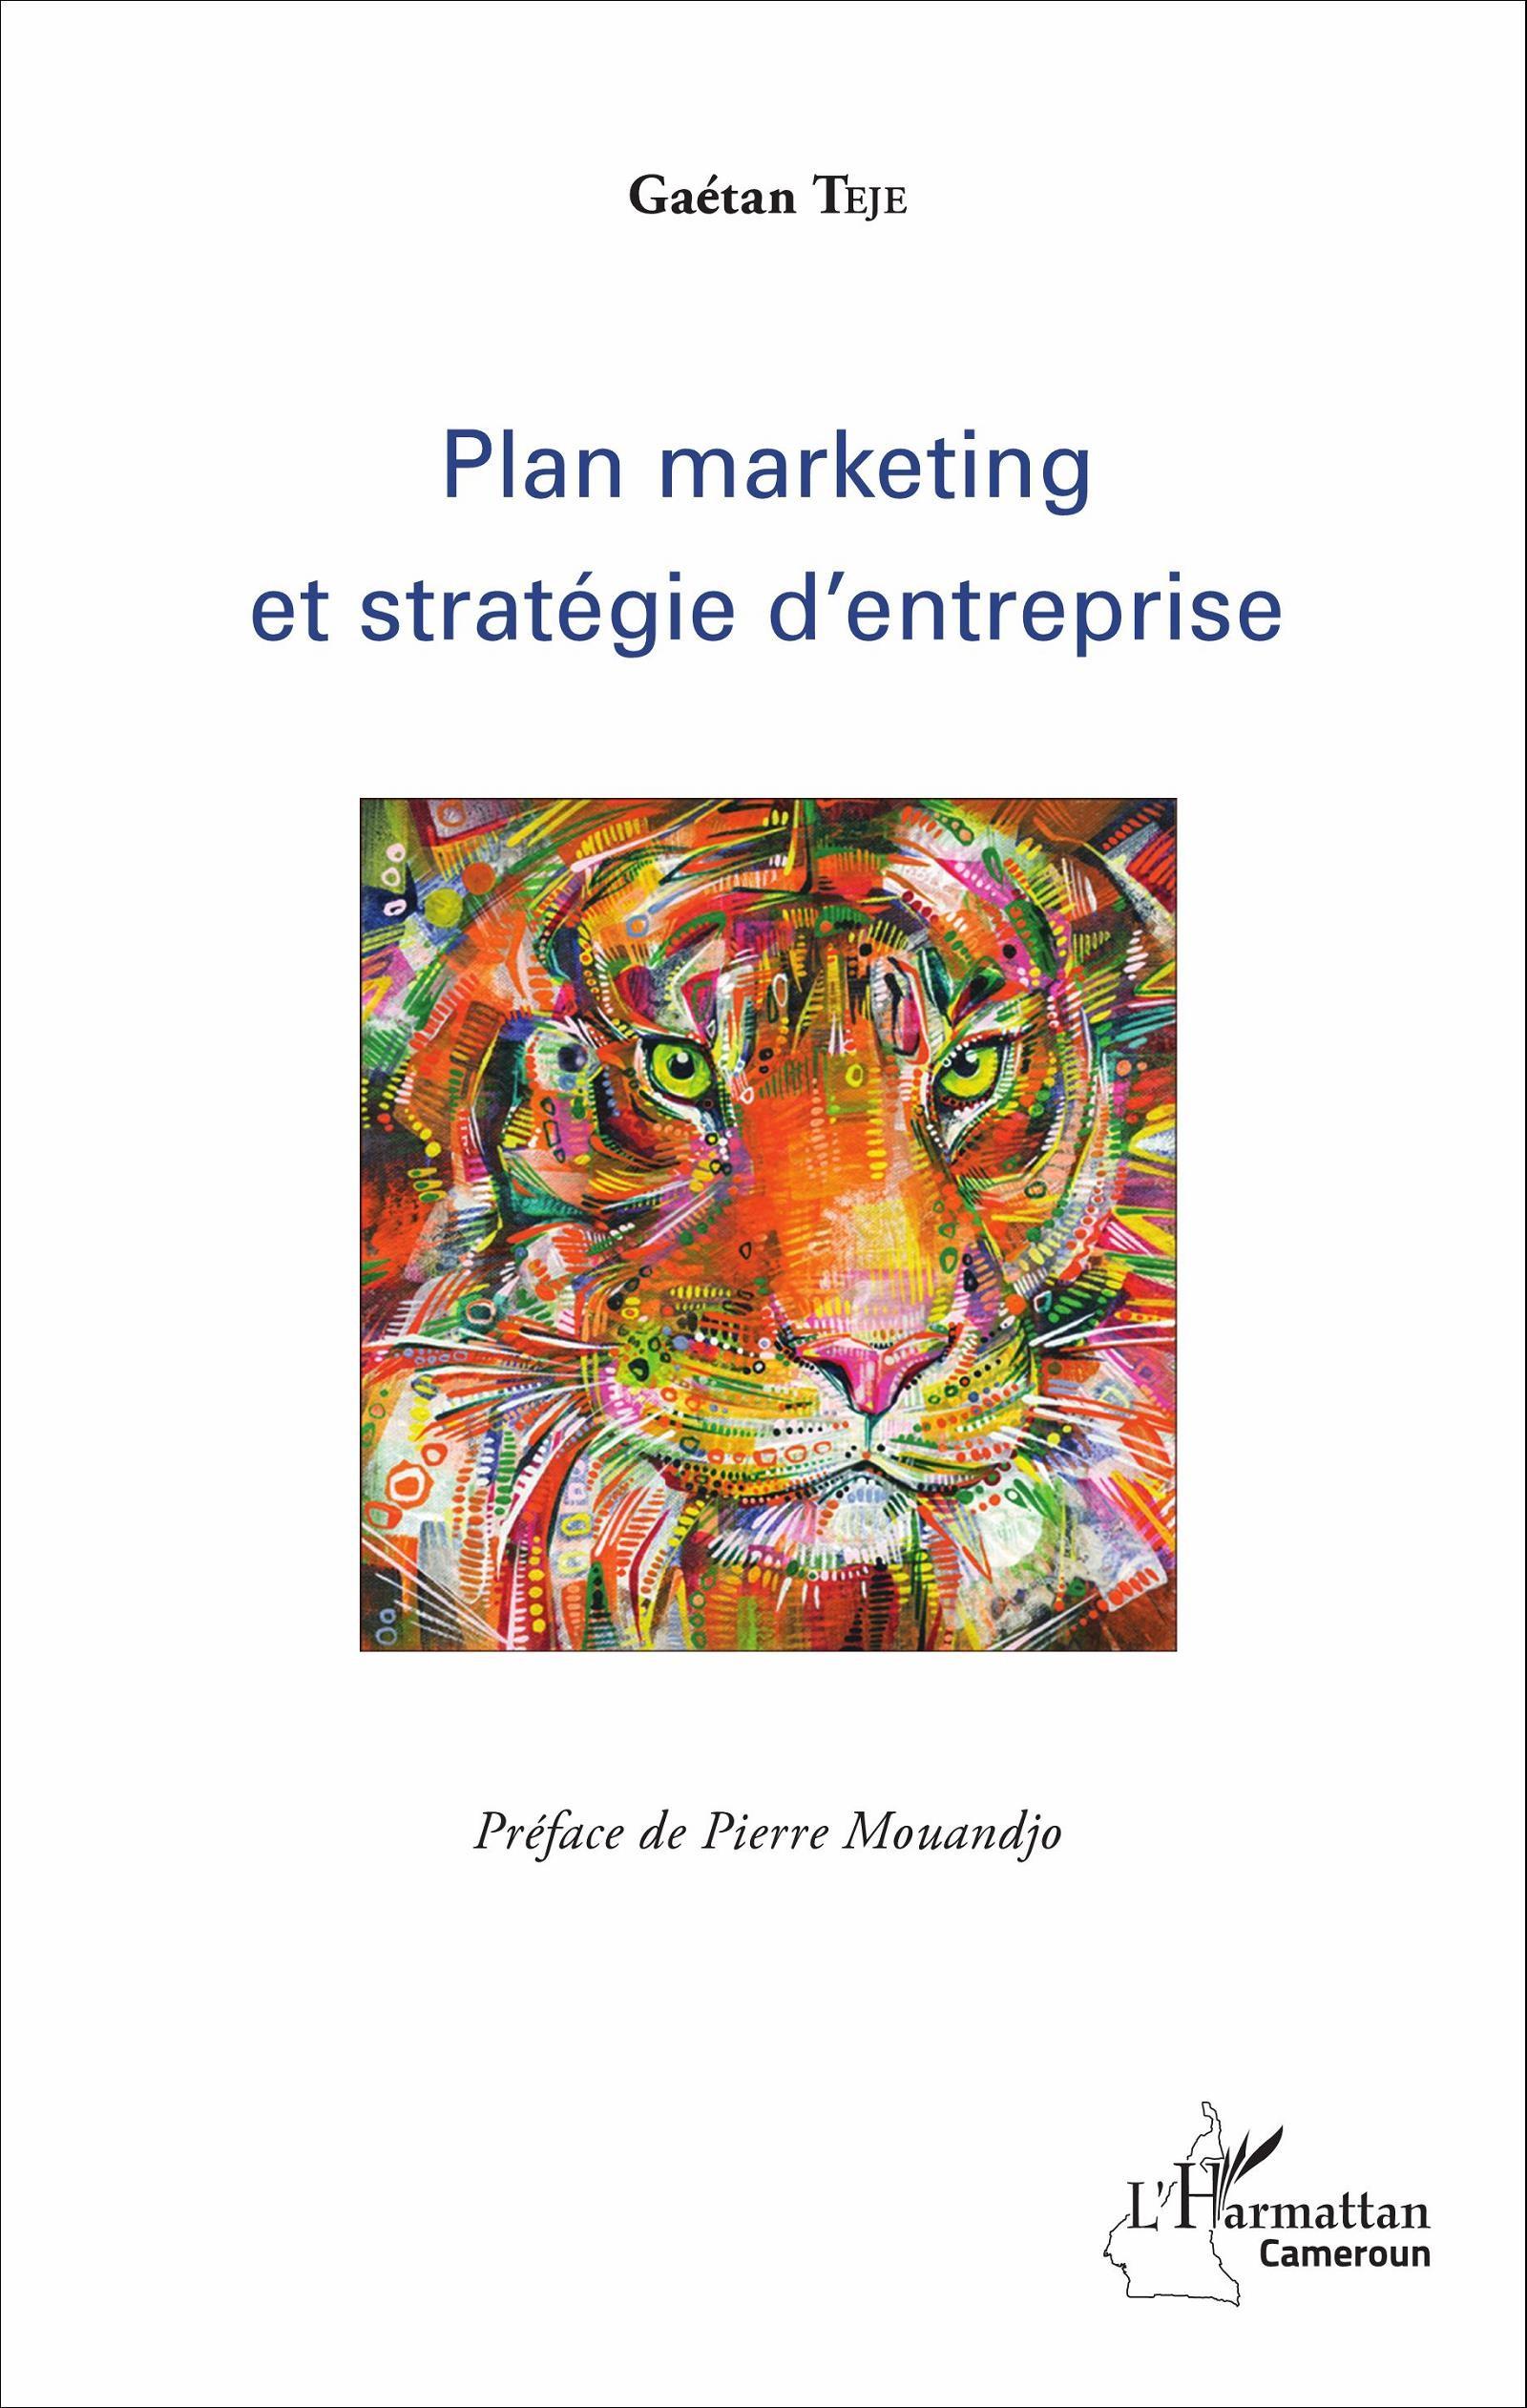 livres  plan marketing et strategie d entreprise de gaetan teje